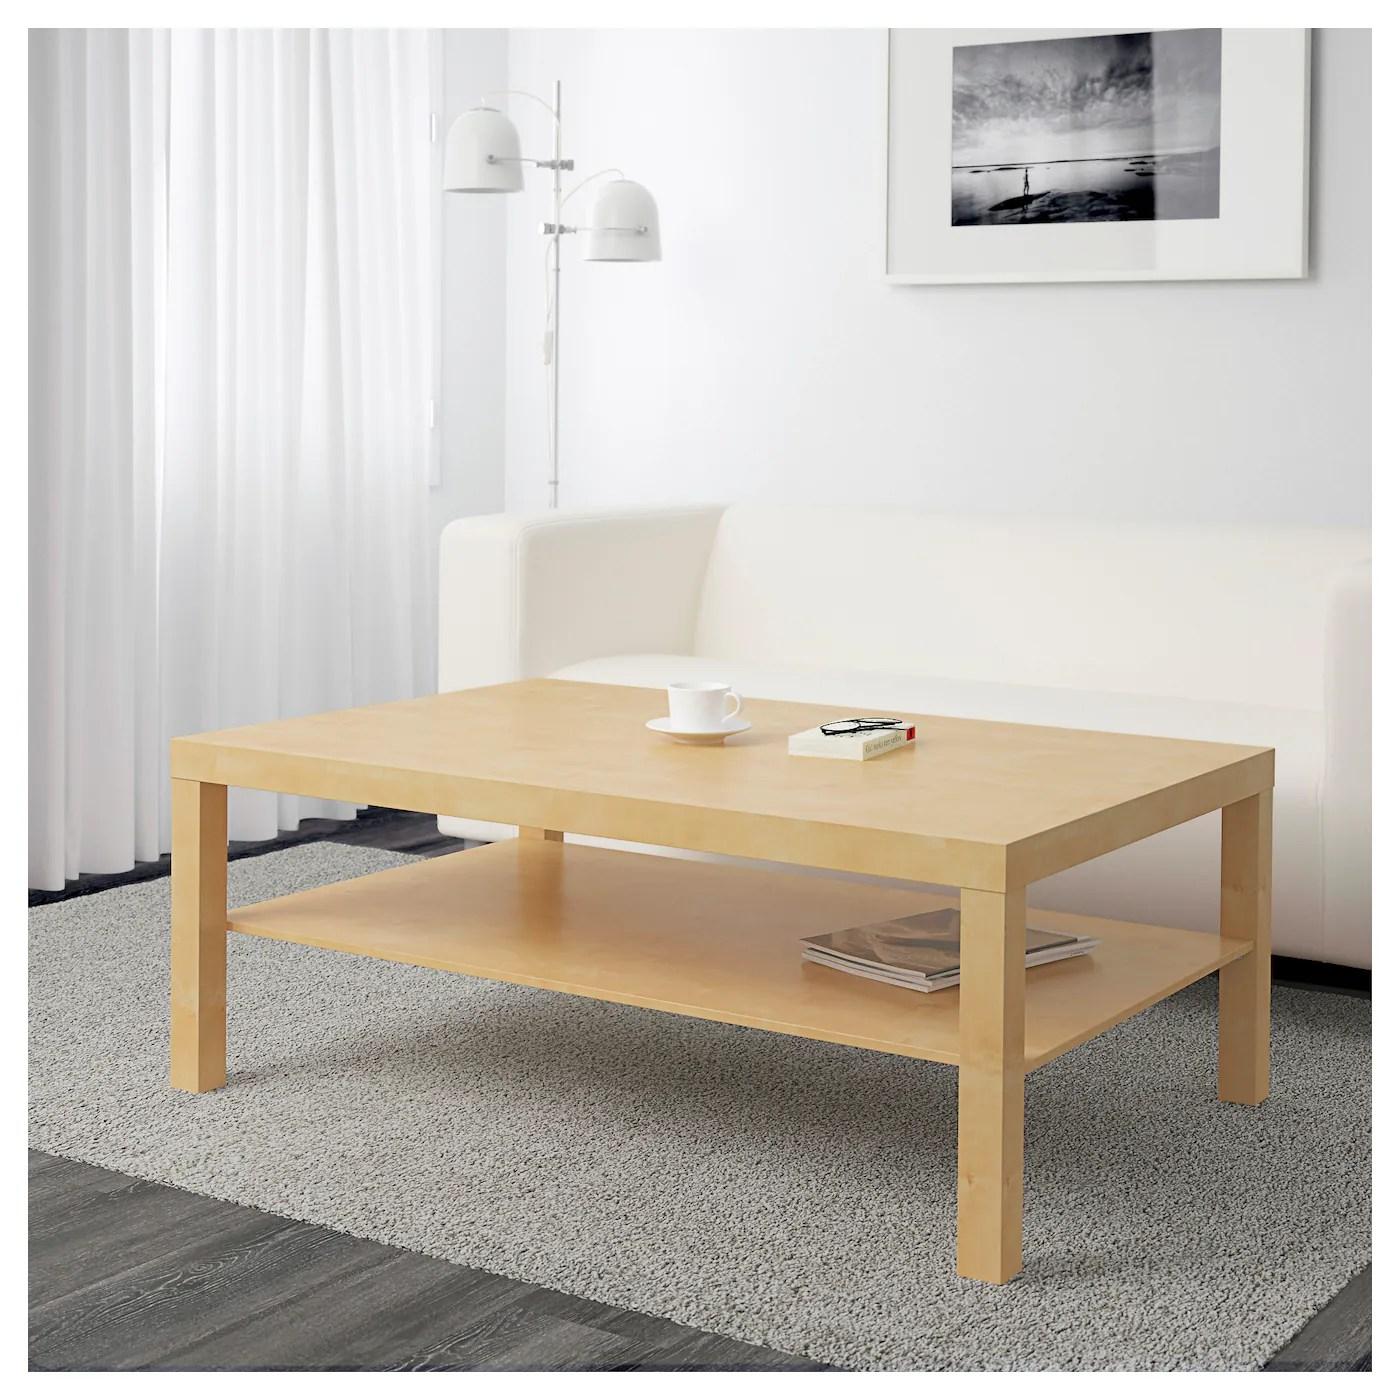 Ikea Wandrek Lack.Ikea Lack 30 X 190 Affordable Furniture 14 Ikea Lack Coffee Table